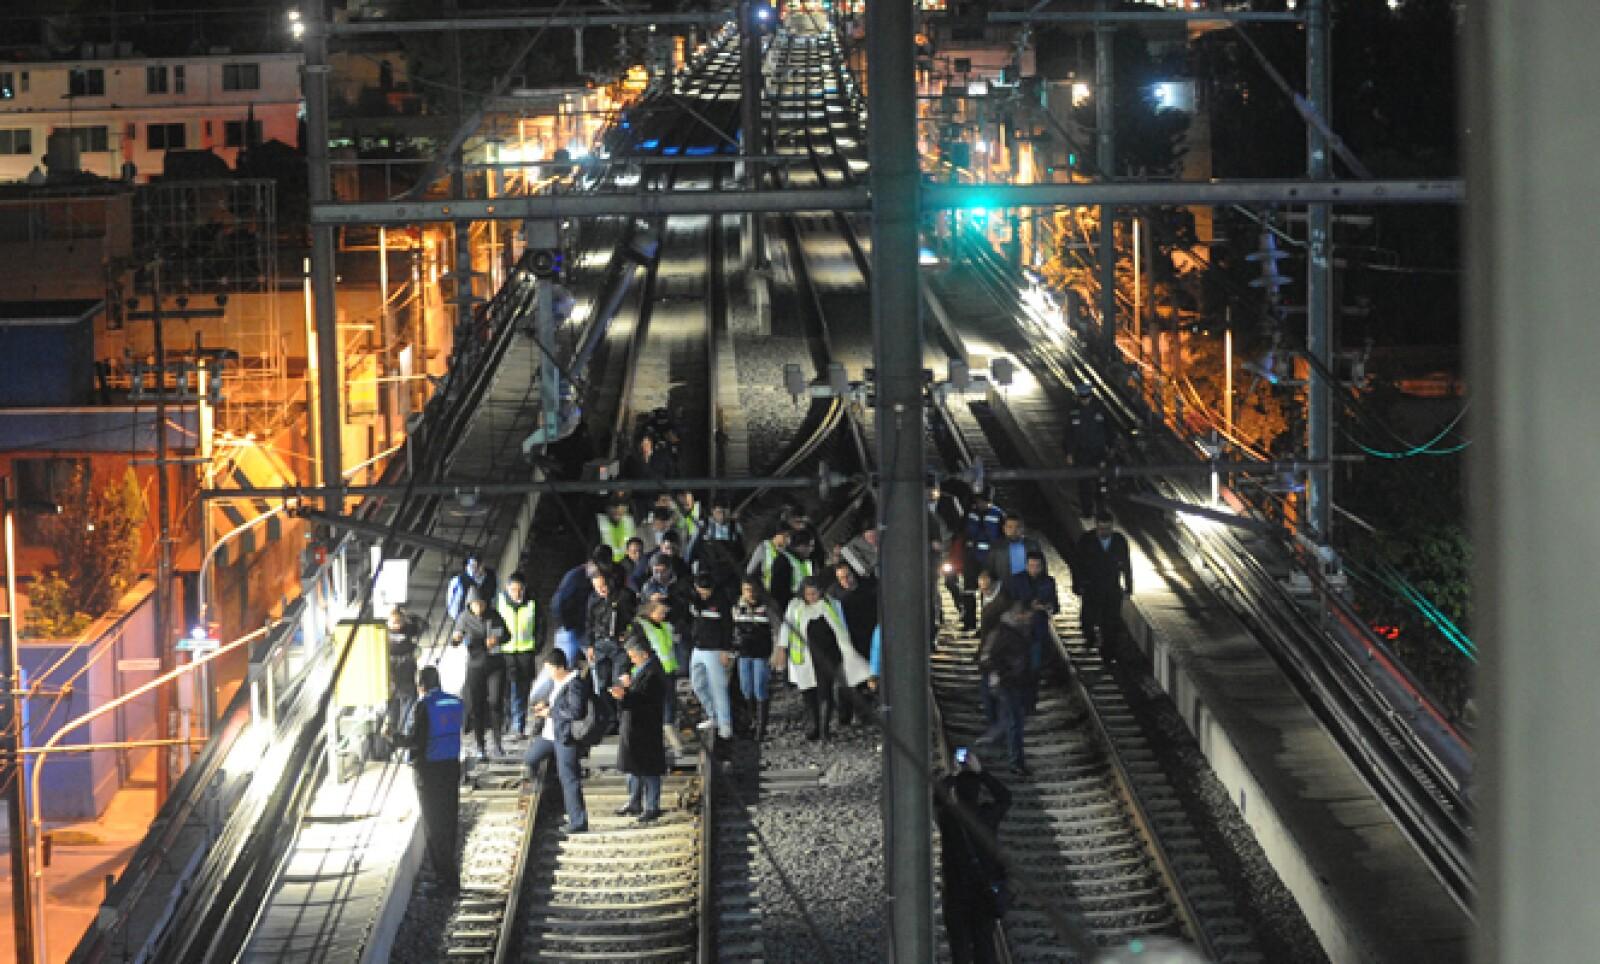 Este domingo entró en operación el último tramo de Línea 12 del Metro que estuvo suspendida por mantenimiento desde marzo de 2014.